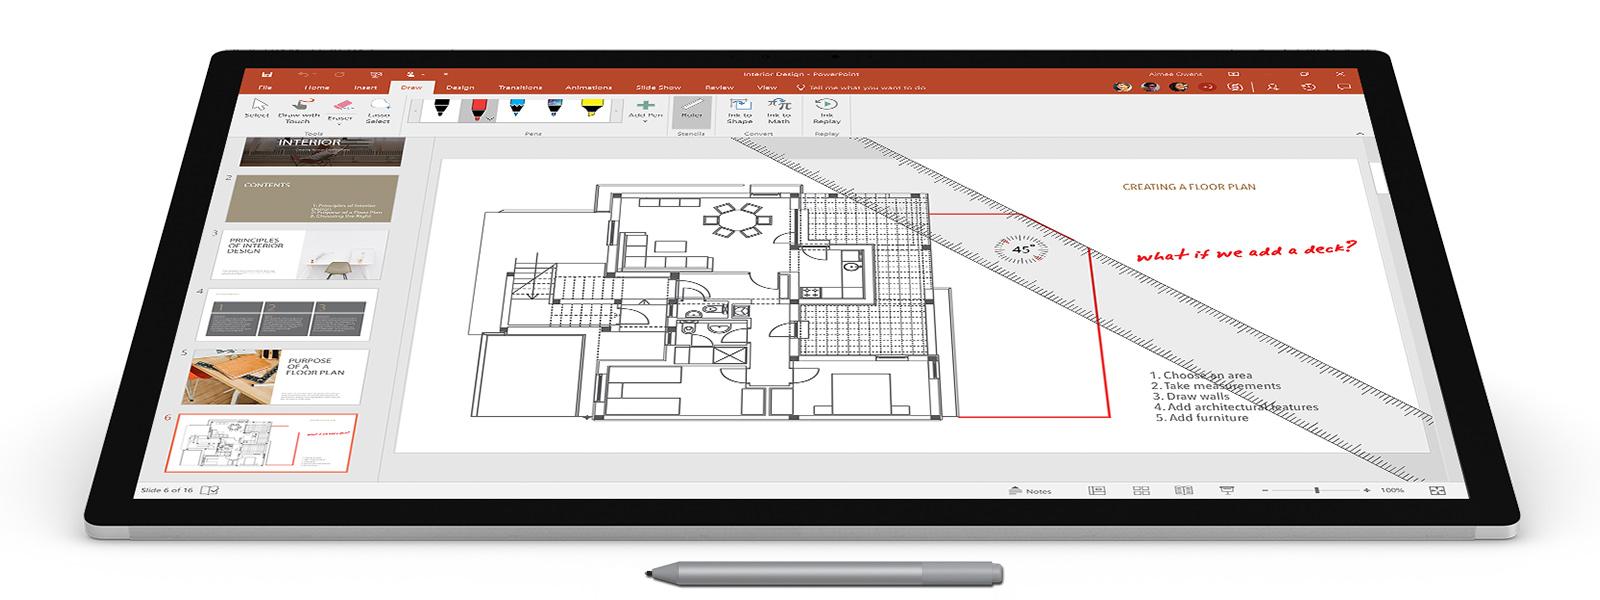 Skjermbilde av en etasjeplan med Surface-penn, notasjoner og linjal på skjermen